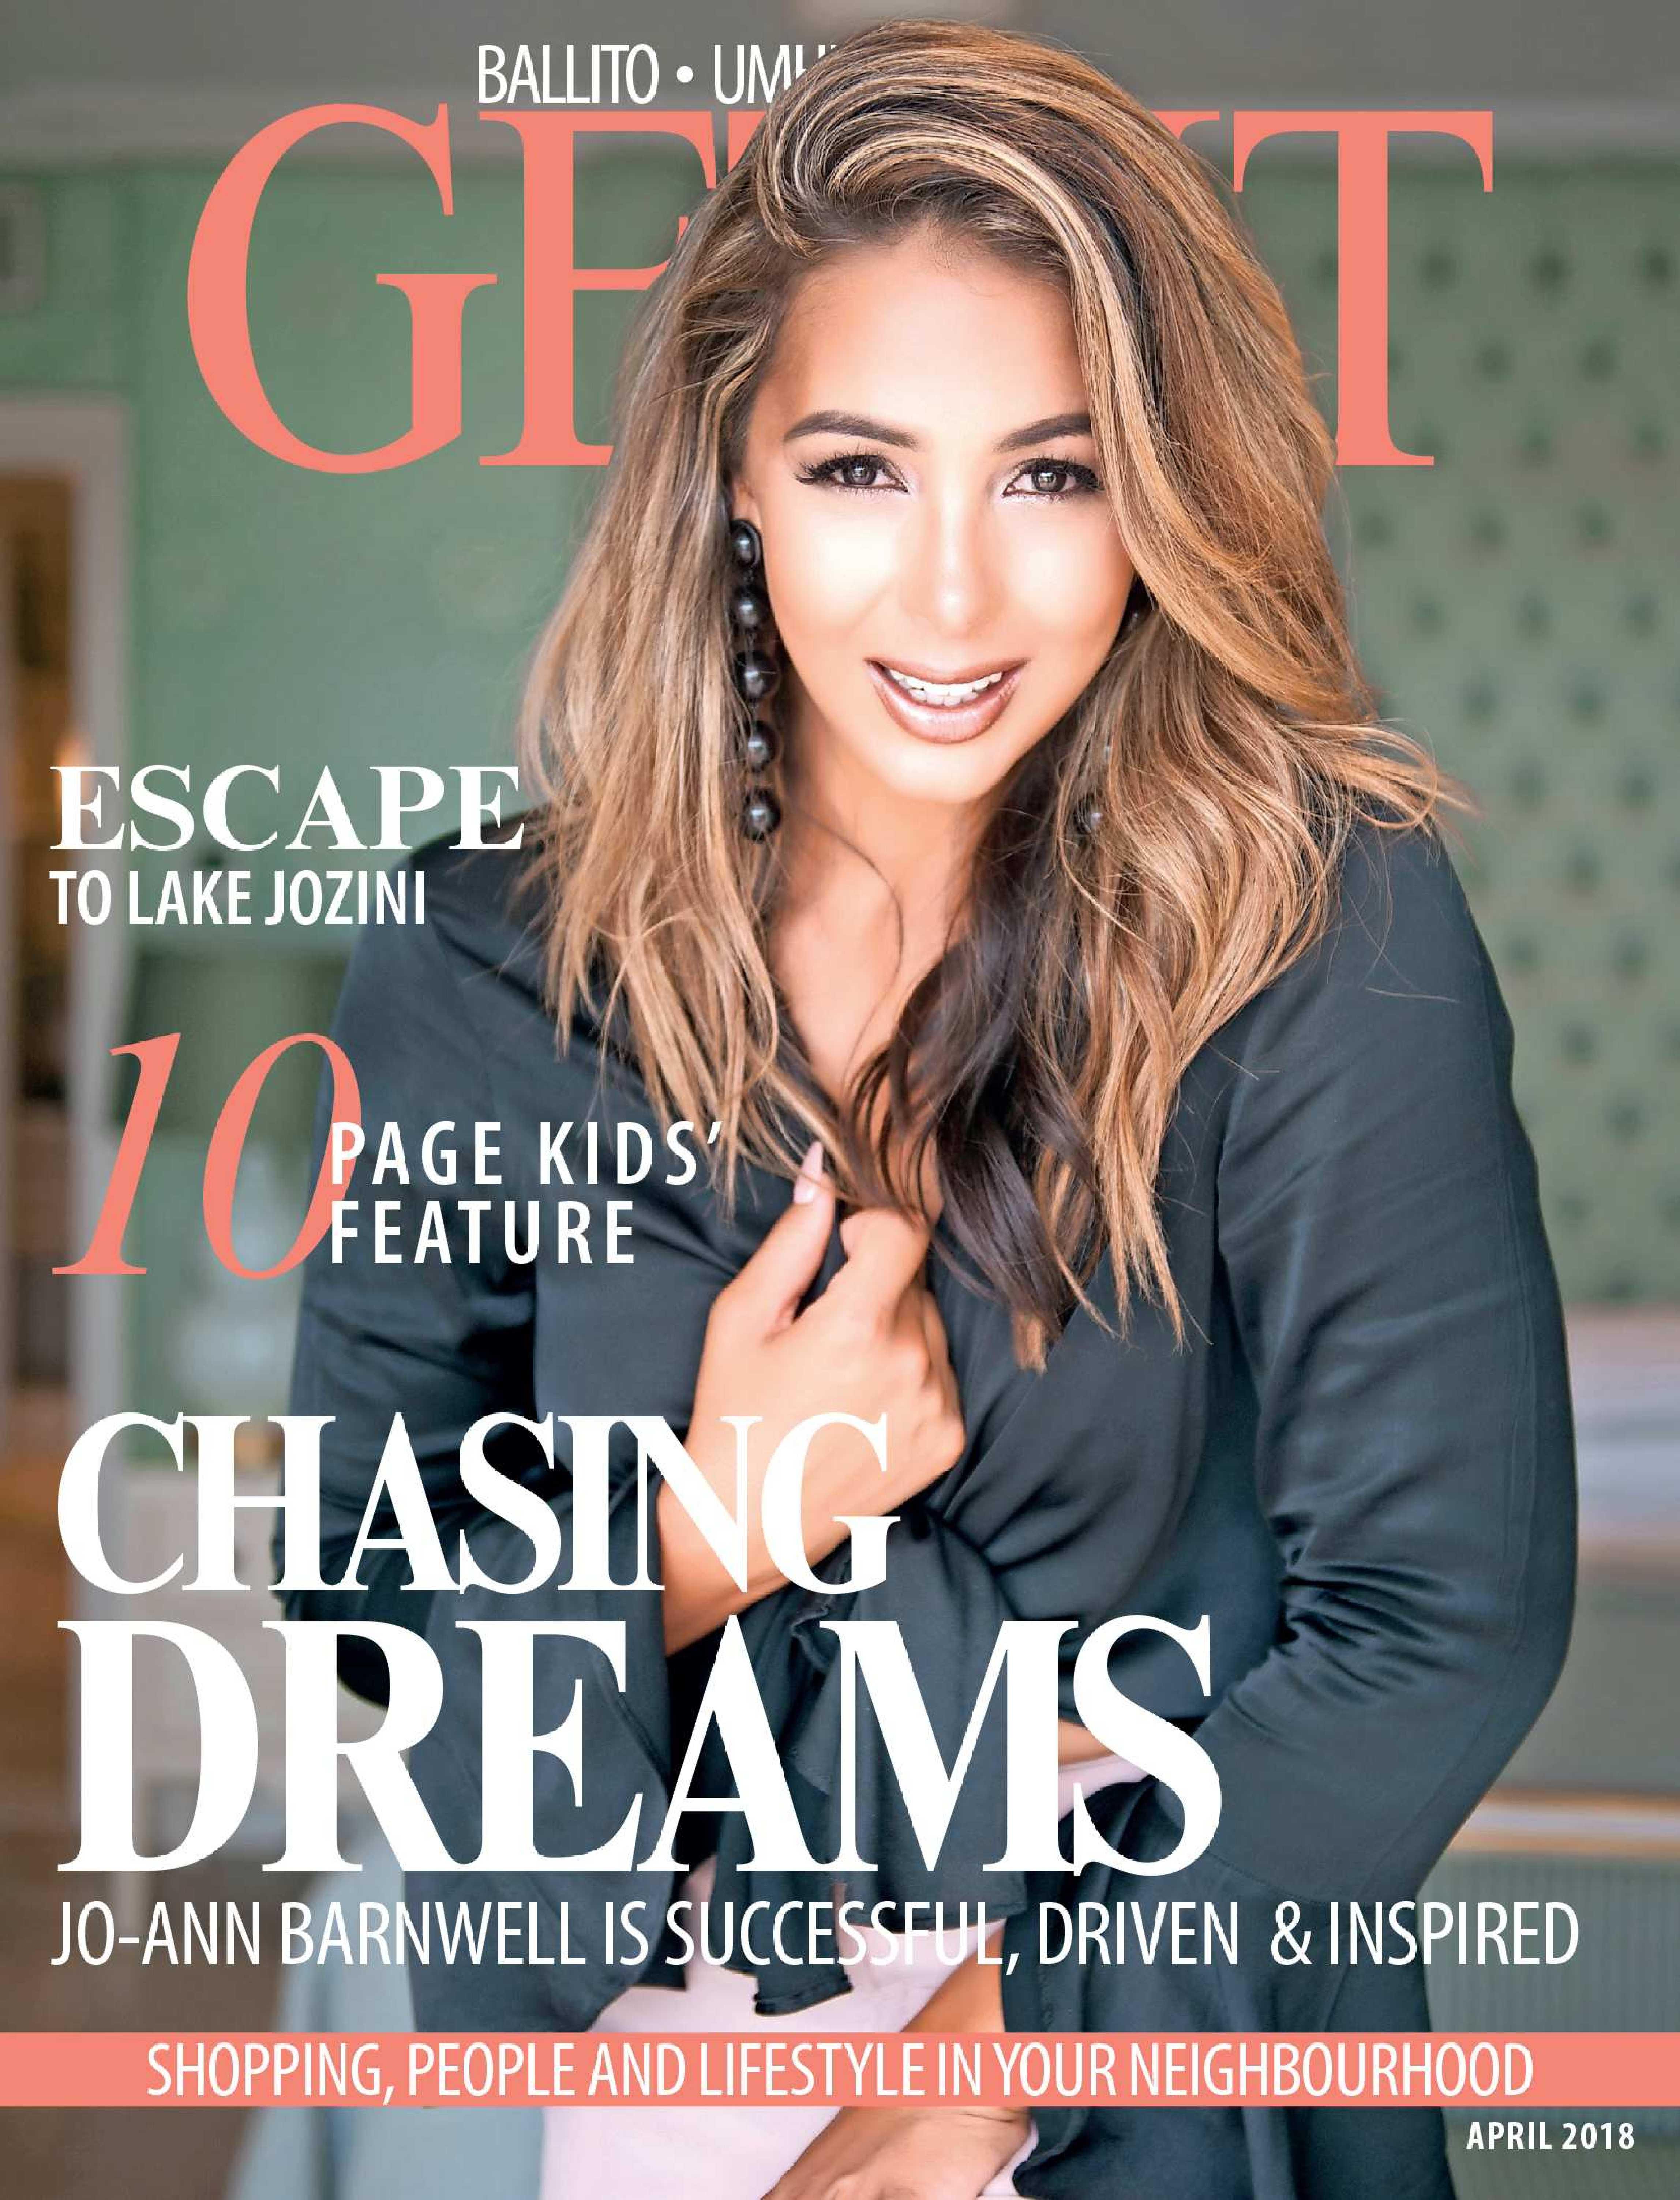 get-magazine-ballitoumhlanga-april-2018-epapers-page-1